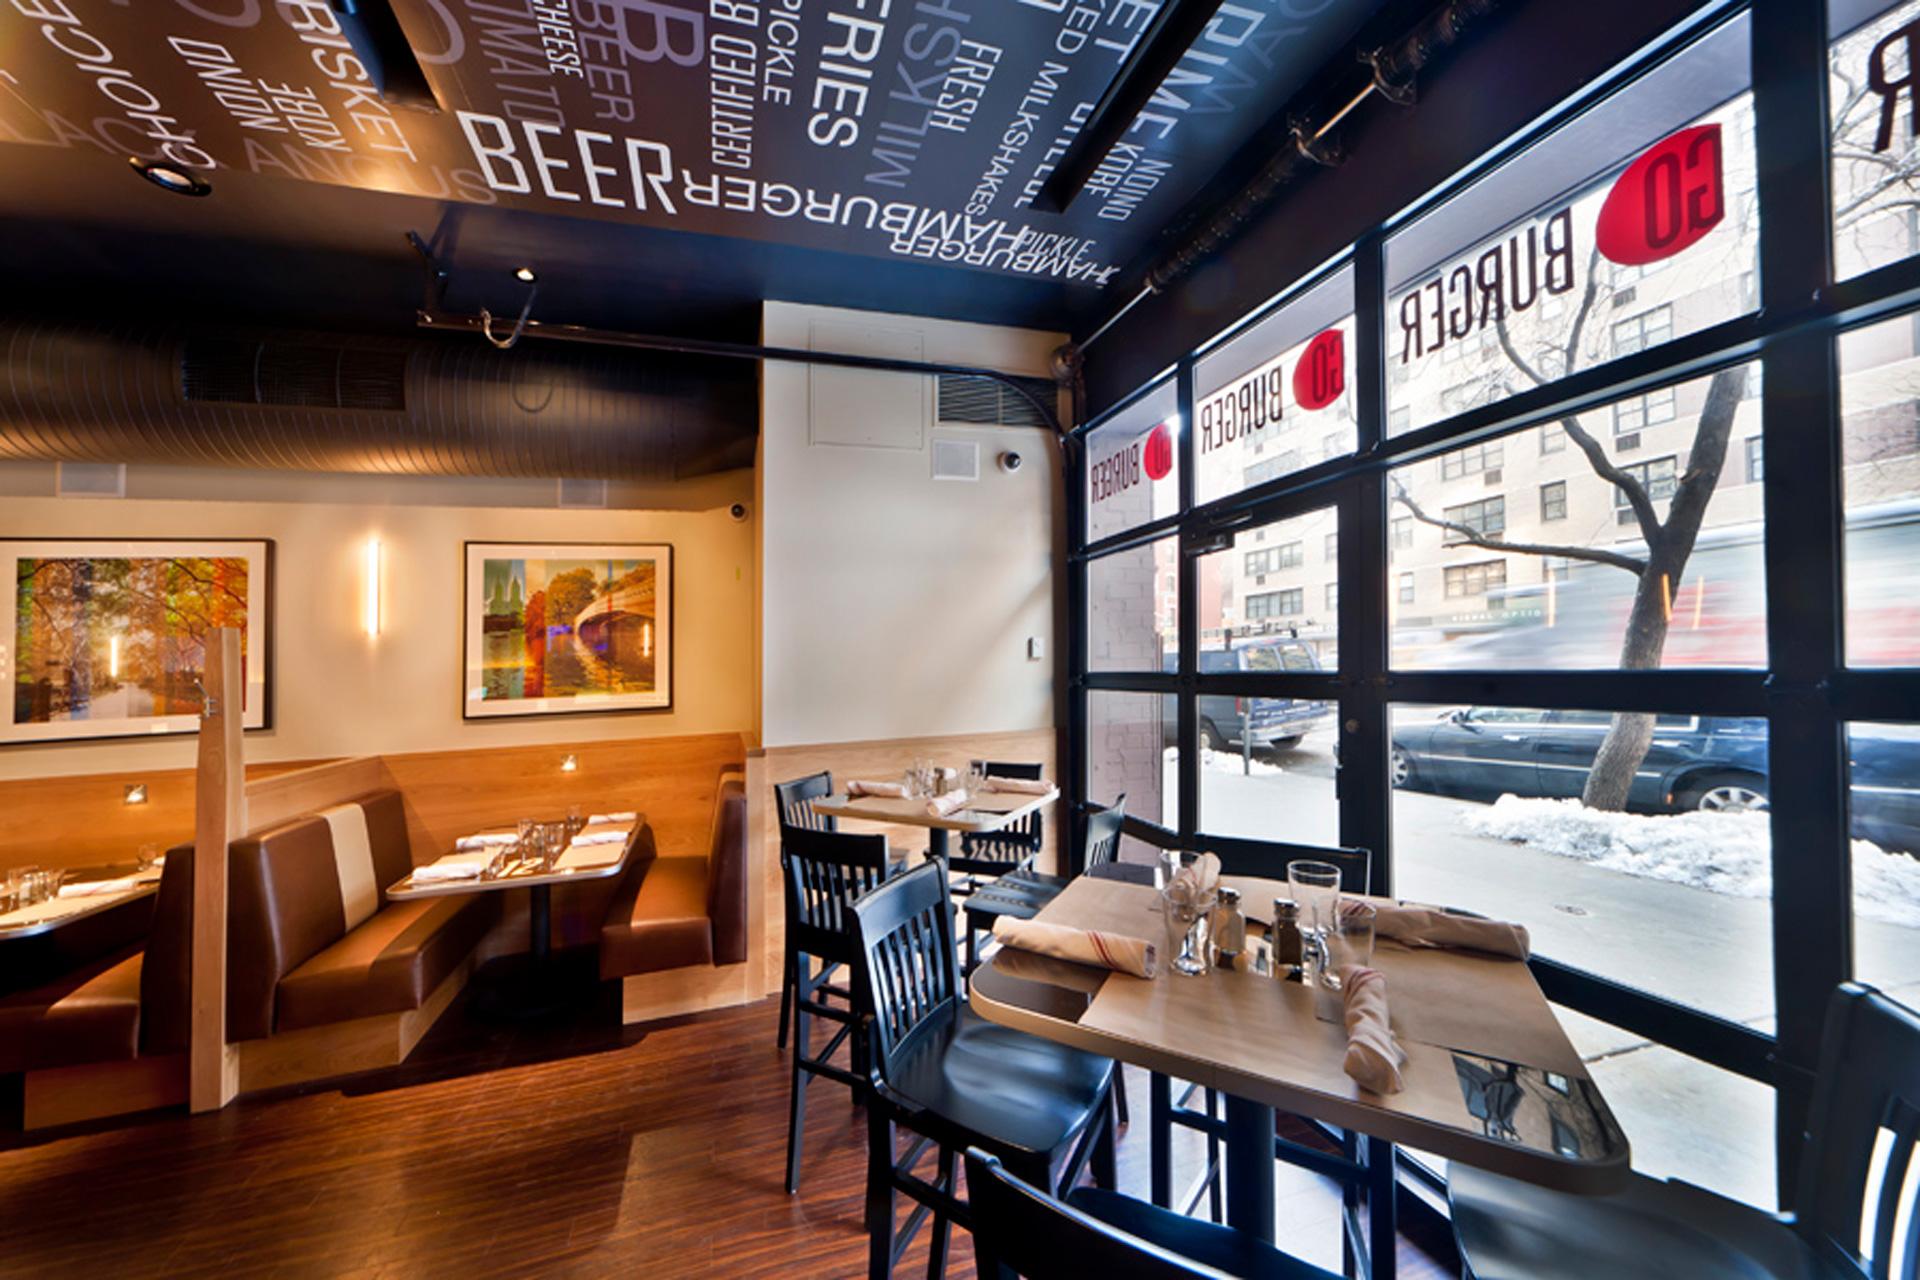 GO Burger NY restaurant decor